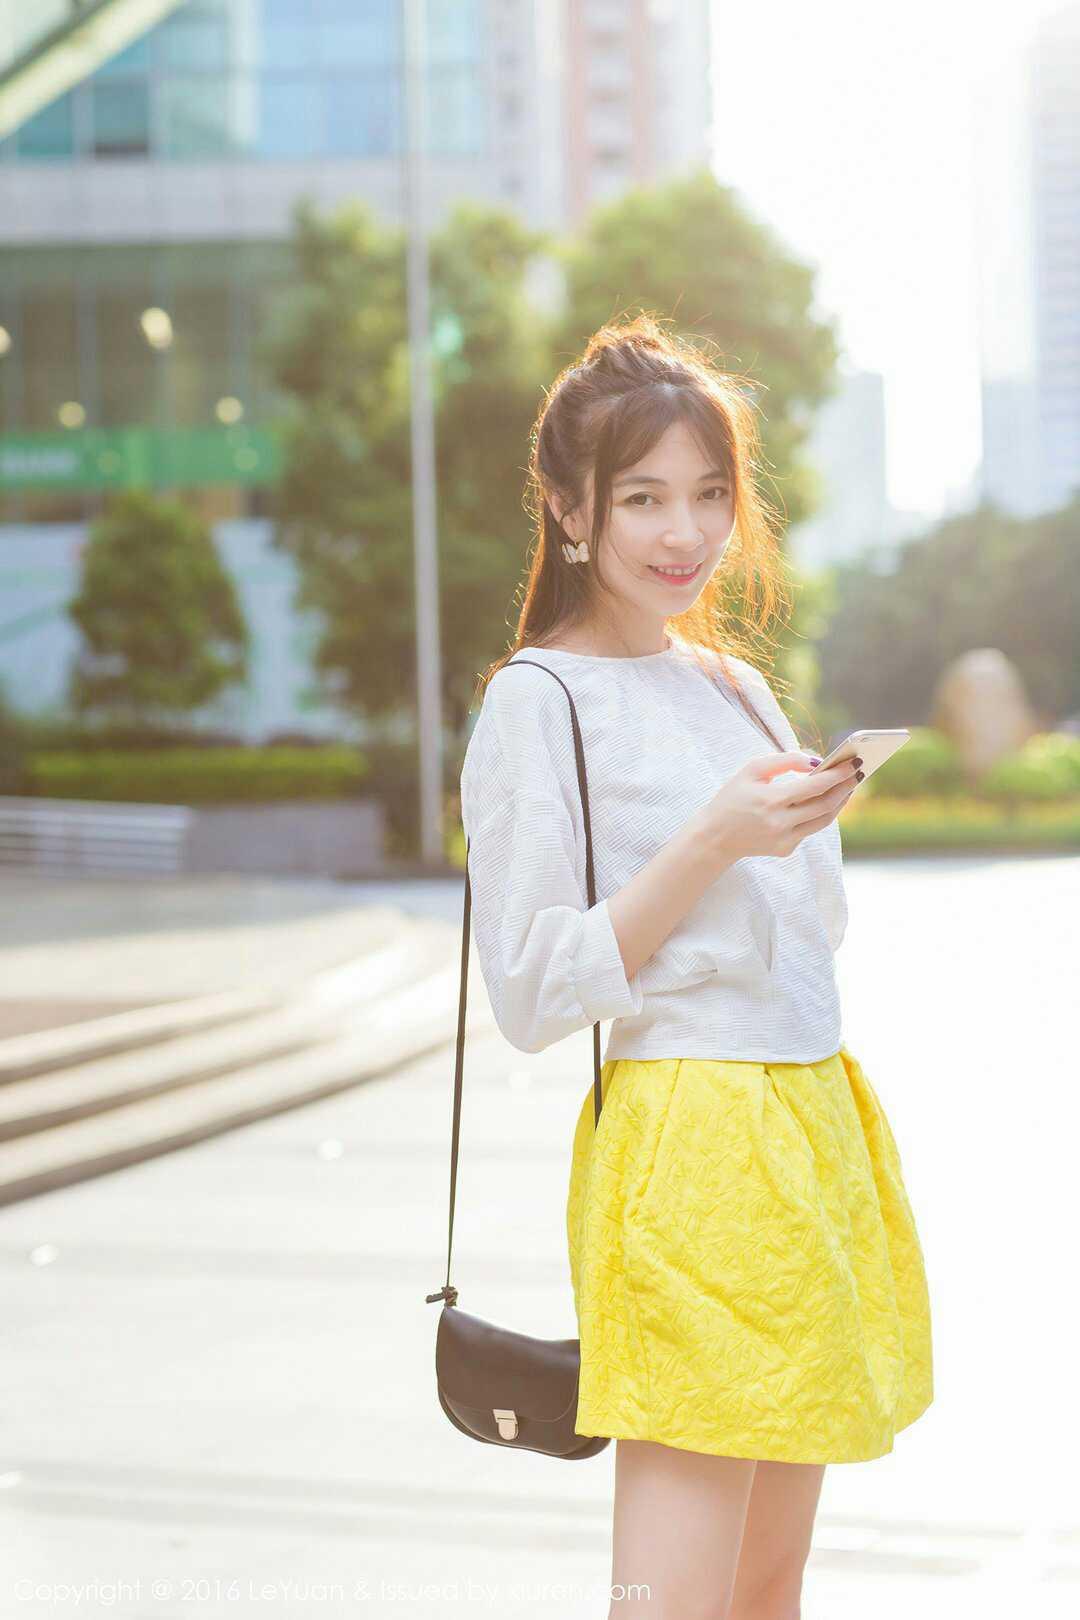 街拍小清新女神楚琪kiki写真超高清图片